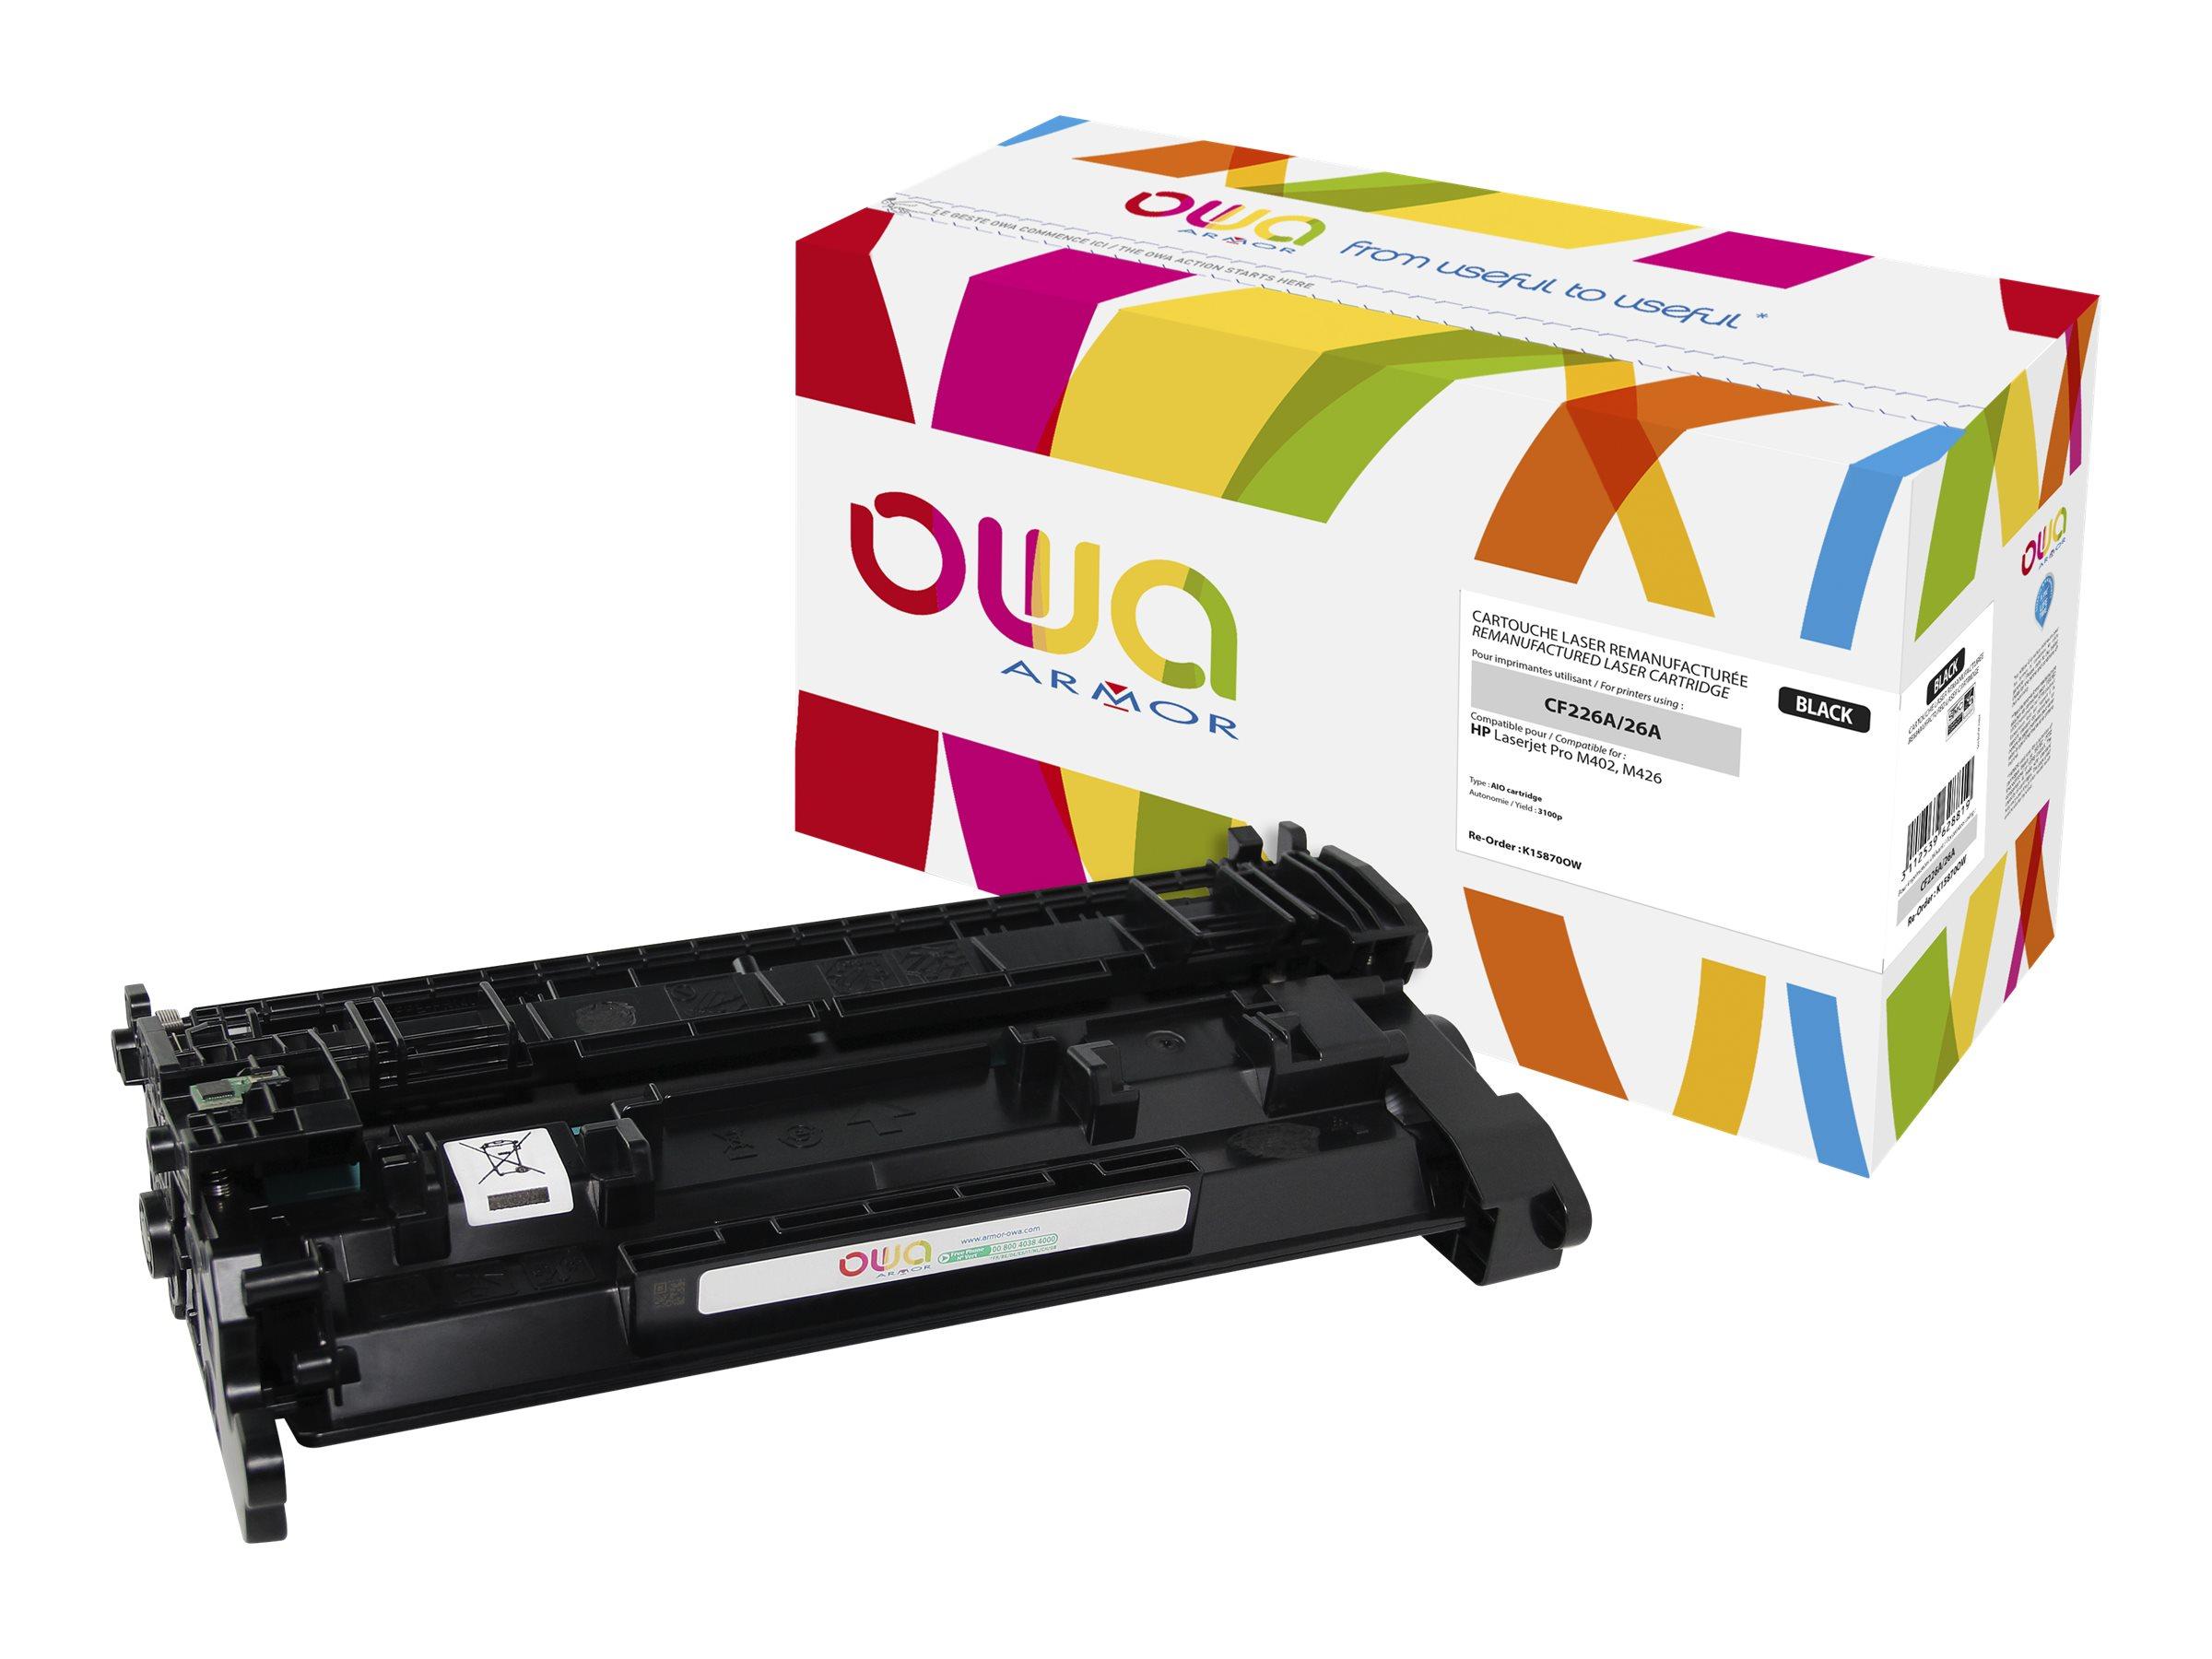 HP 26A - remanufacturé Owa K15870OW - noir - cartouche laser